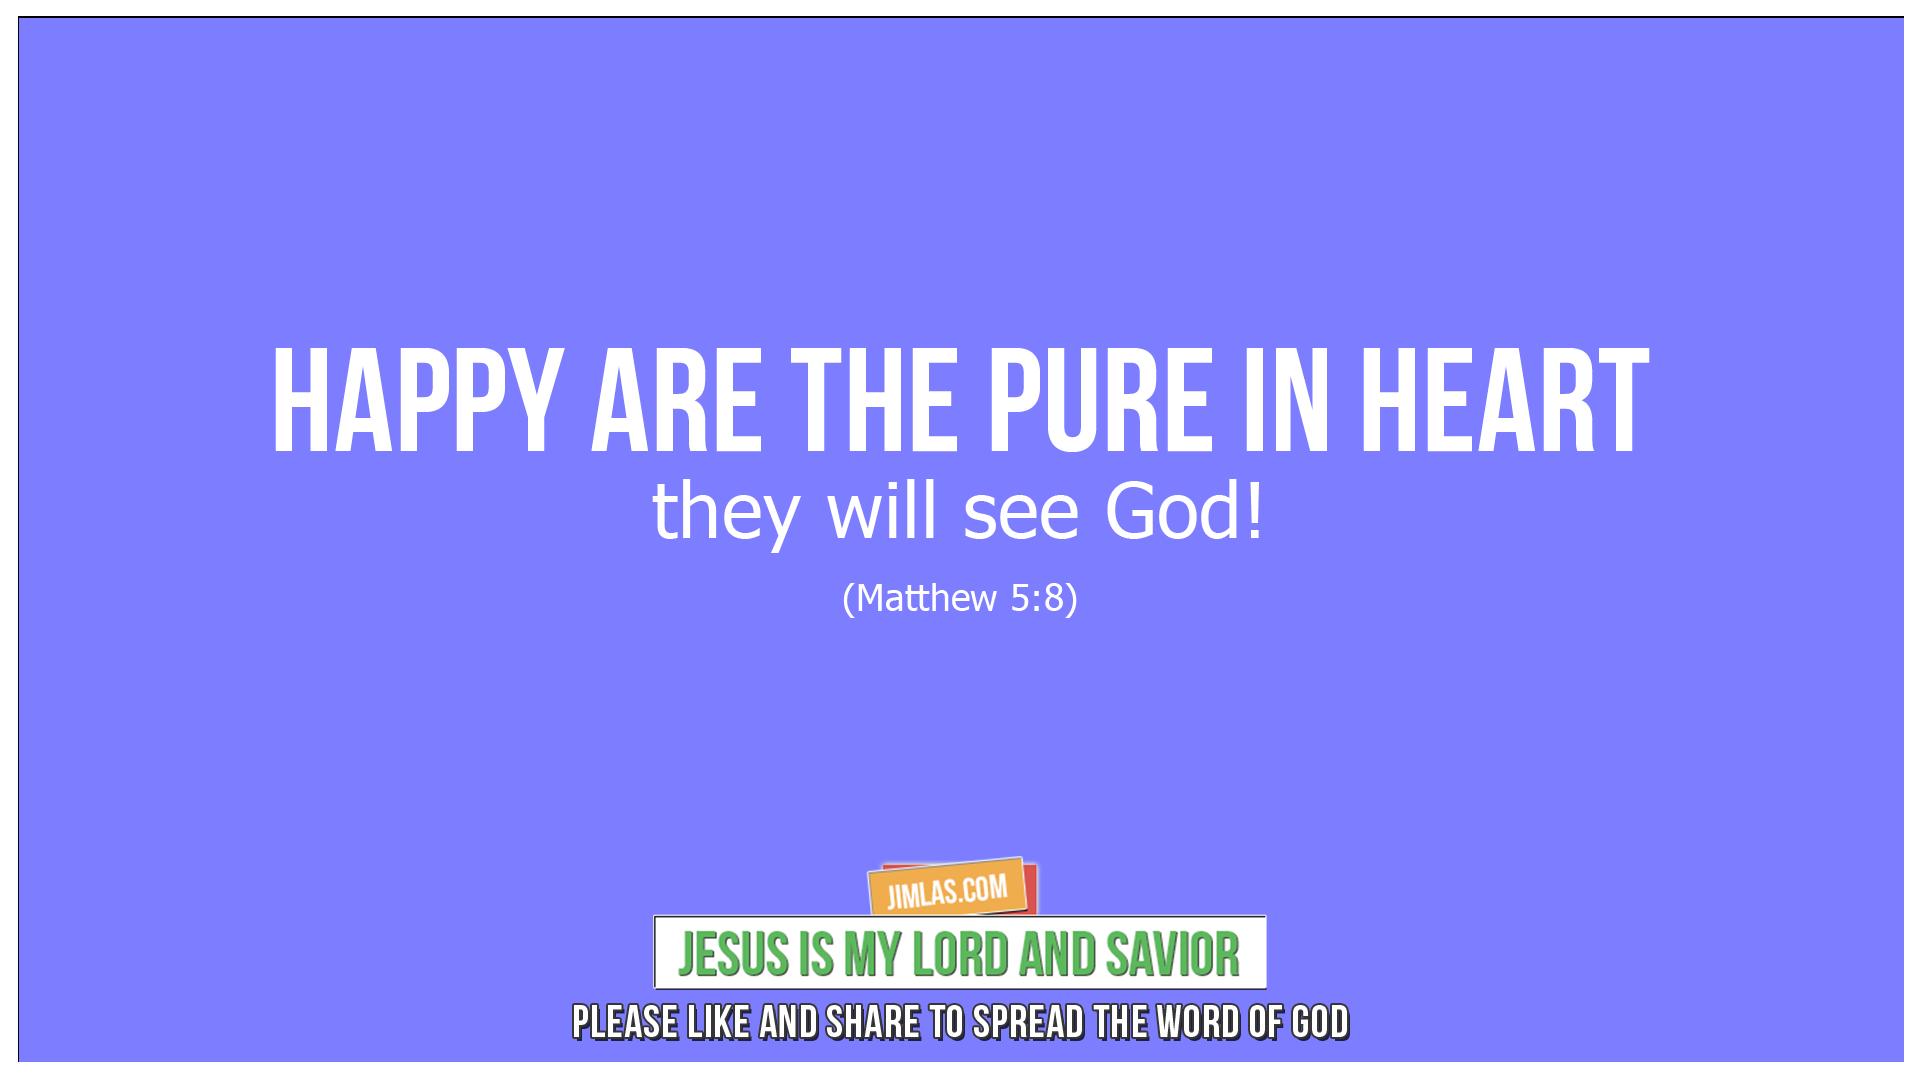 matthew 5 8, Matthew 5:8